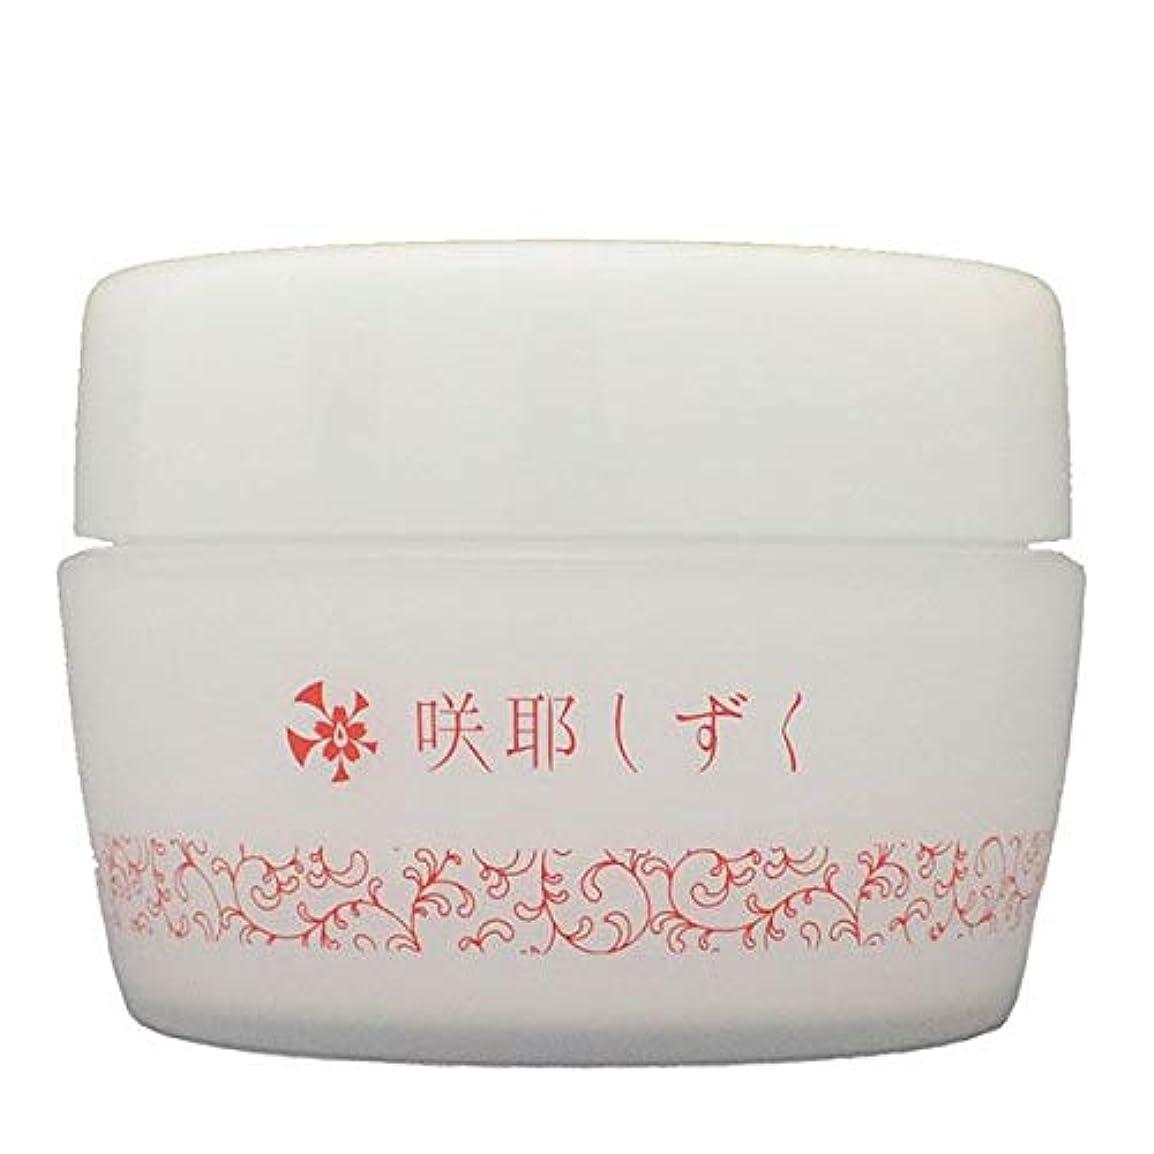 王女ラジウム解読する咲耶しずく クリーム 乾燥肌 さくやしずく 敏感肌 エムズジャパン M's Japan ms-sge01